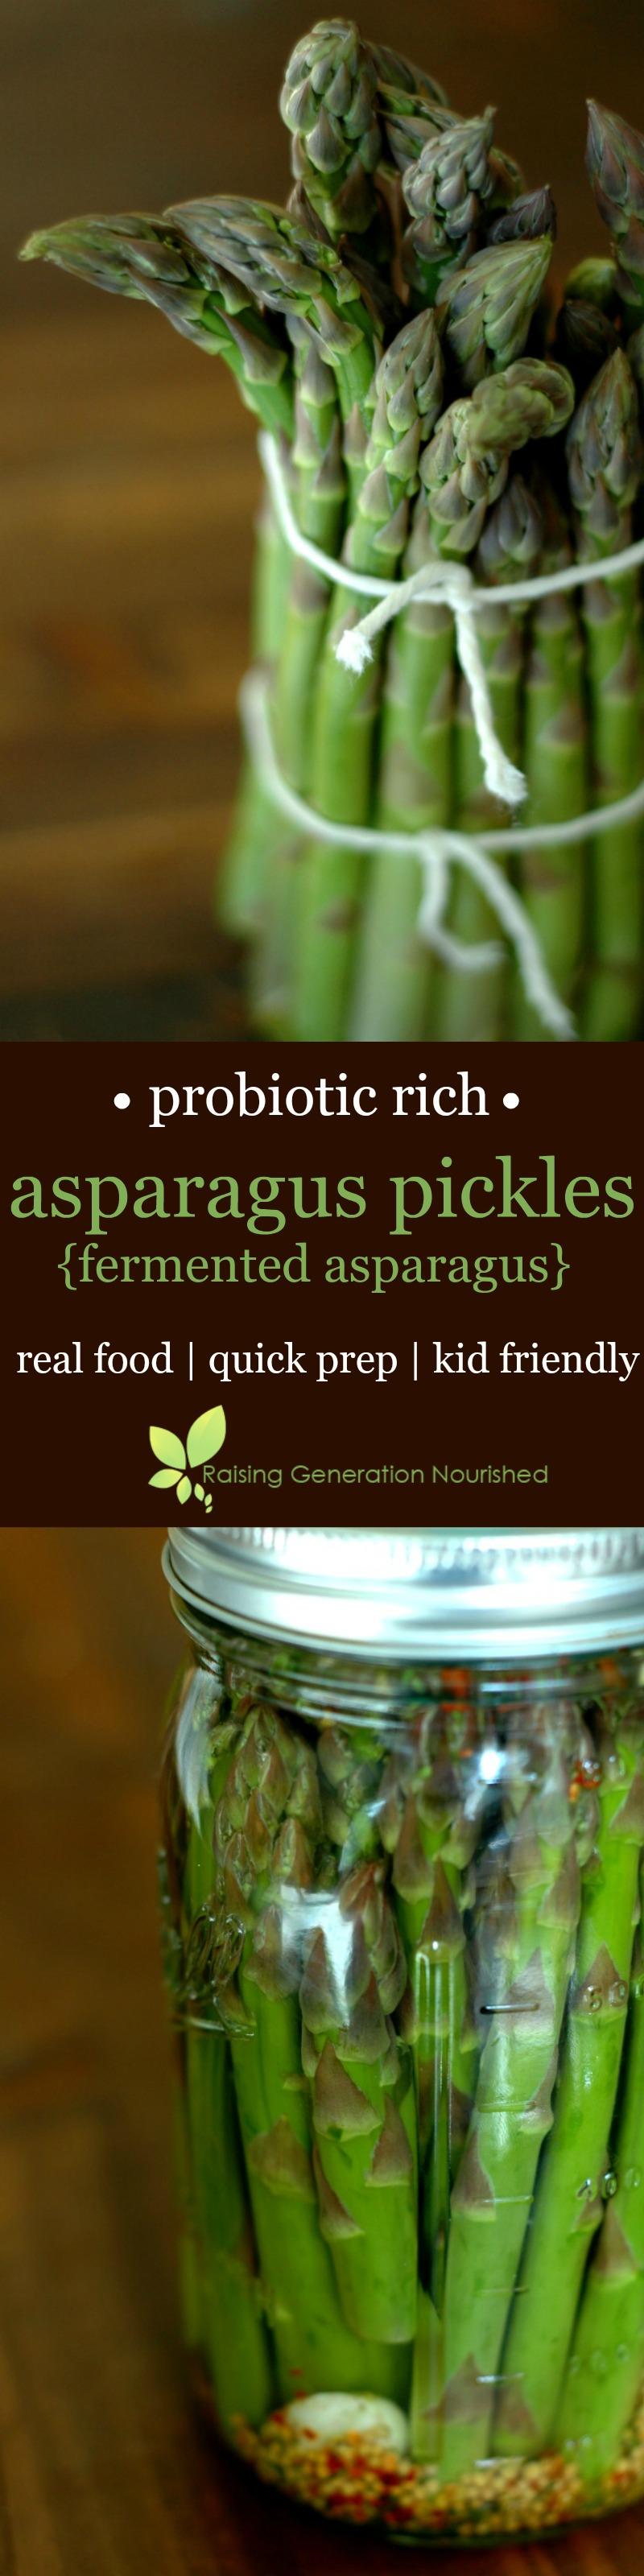 Probiotic Rich Asparagus Pickles (Fermented Asparagus!)